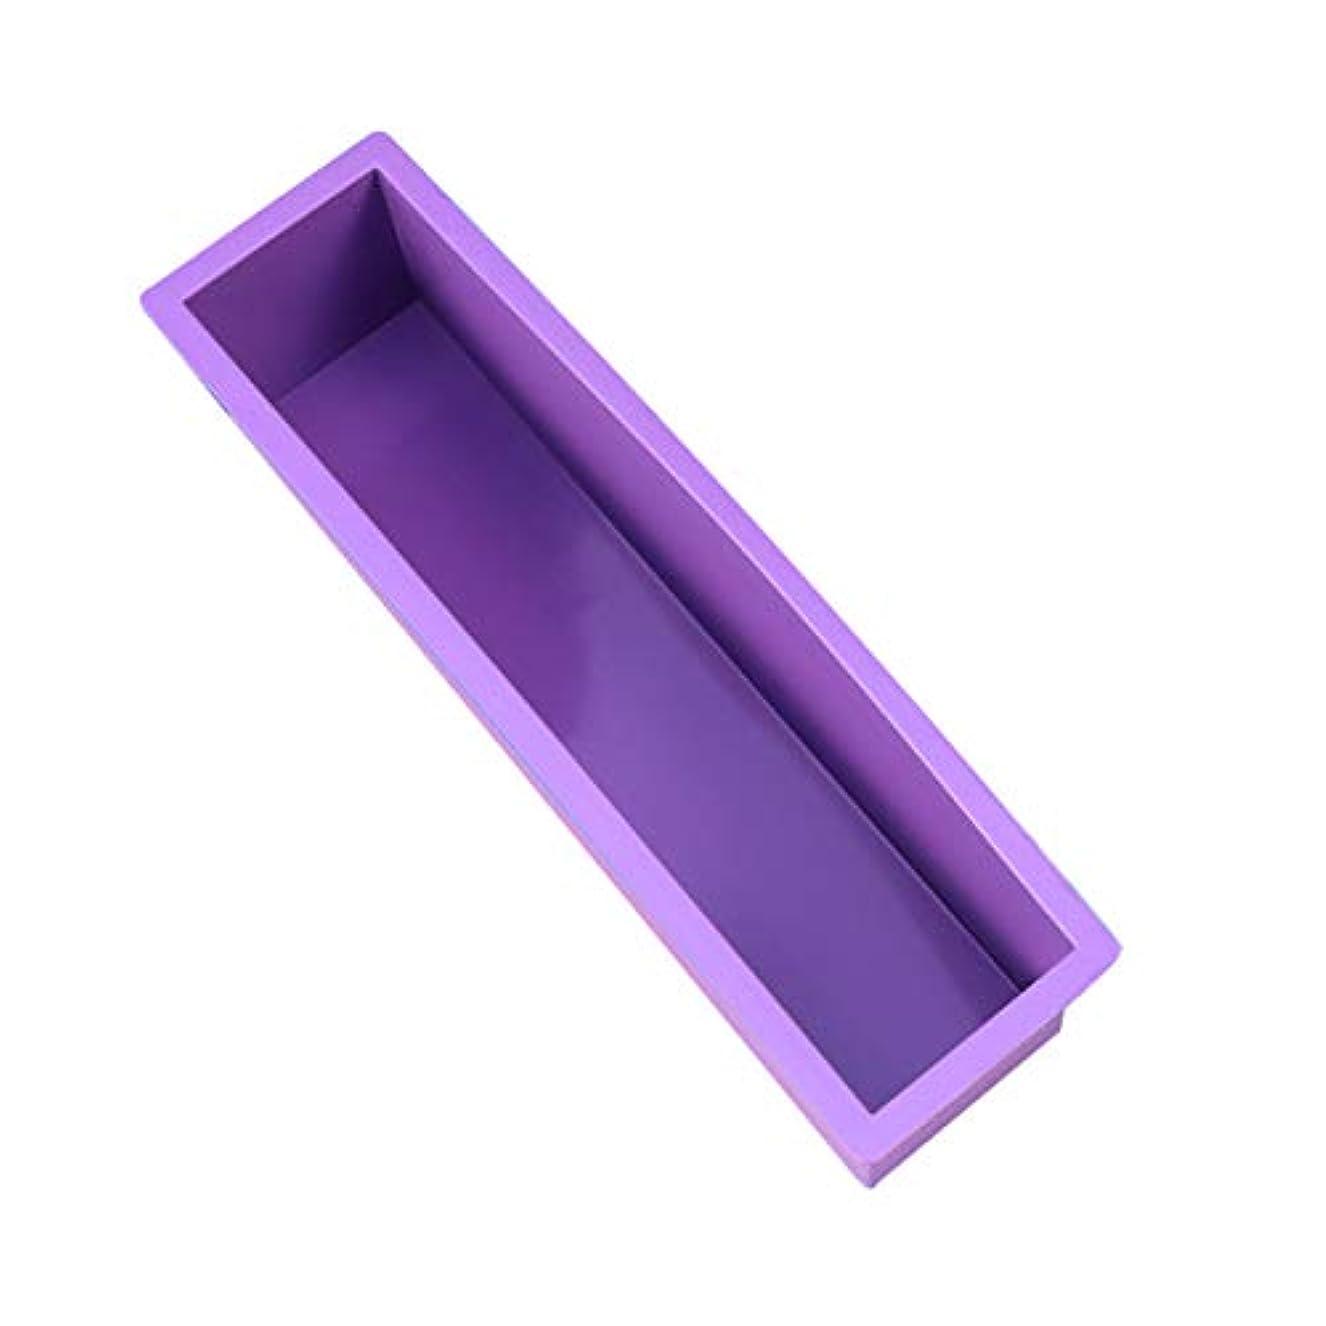 アマゾンジャングルパラメータ器具Healifty DIYの石鹸金型スクエアラウンドオーバル金型木製ボックスサイズなしの手作り金型 - S(紫)